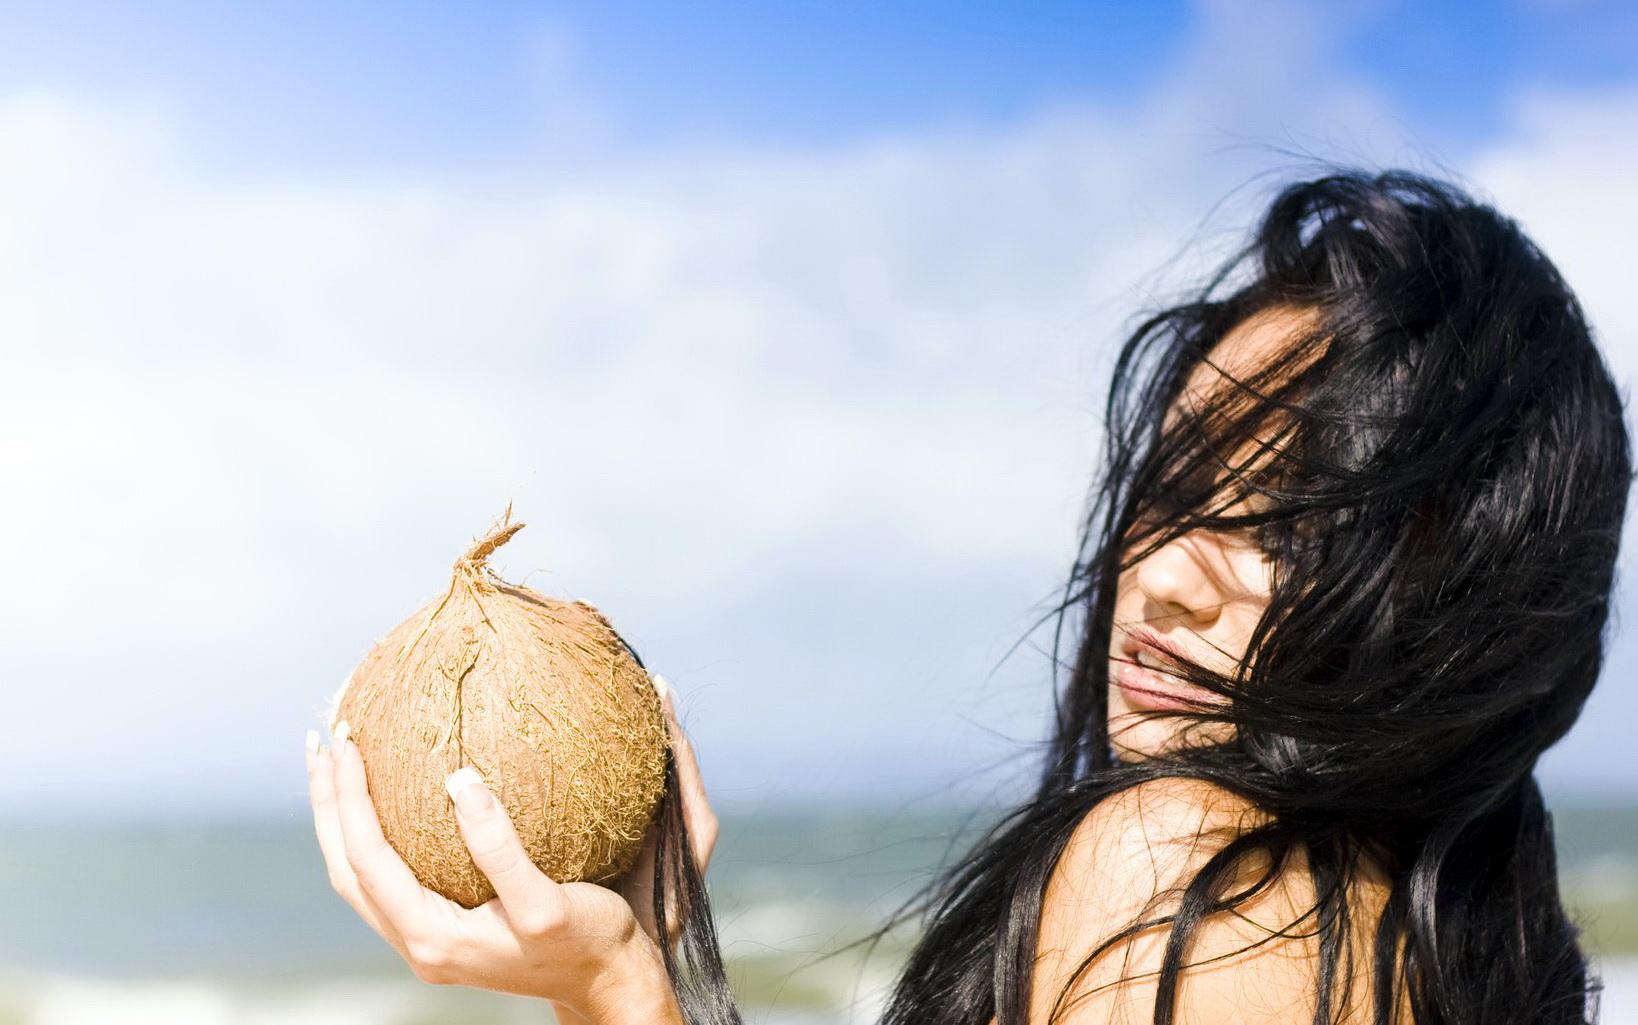 أفضل الزيوت للعناية بالشعر على البحر